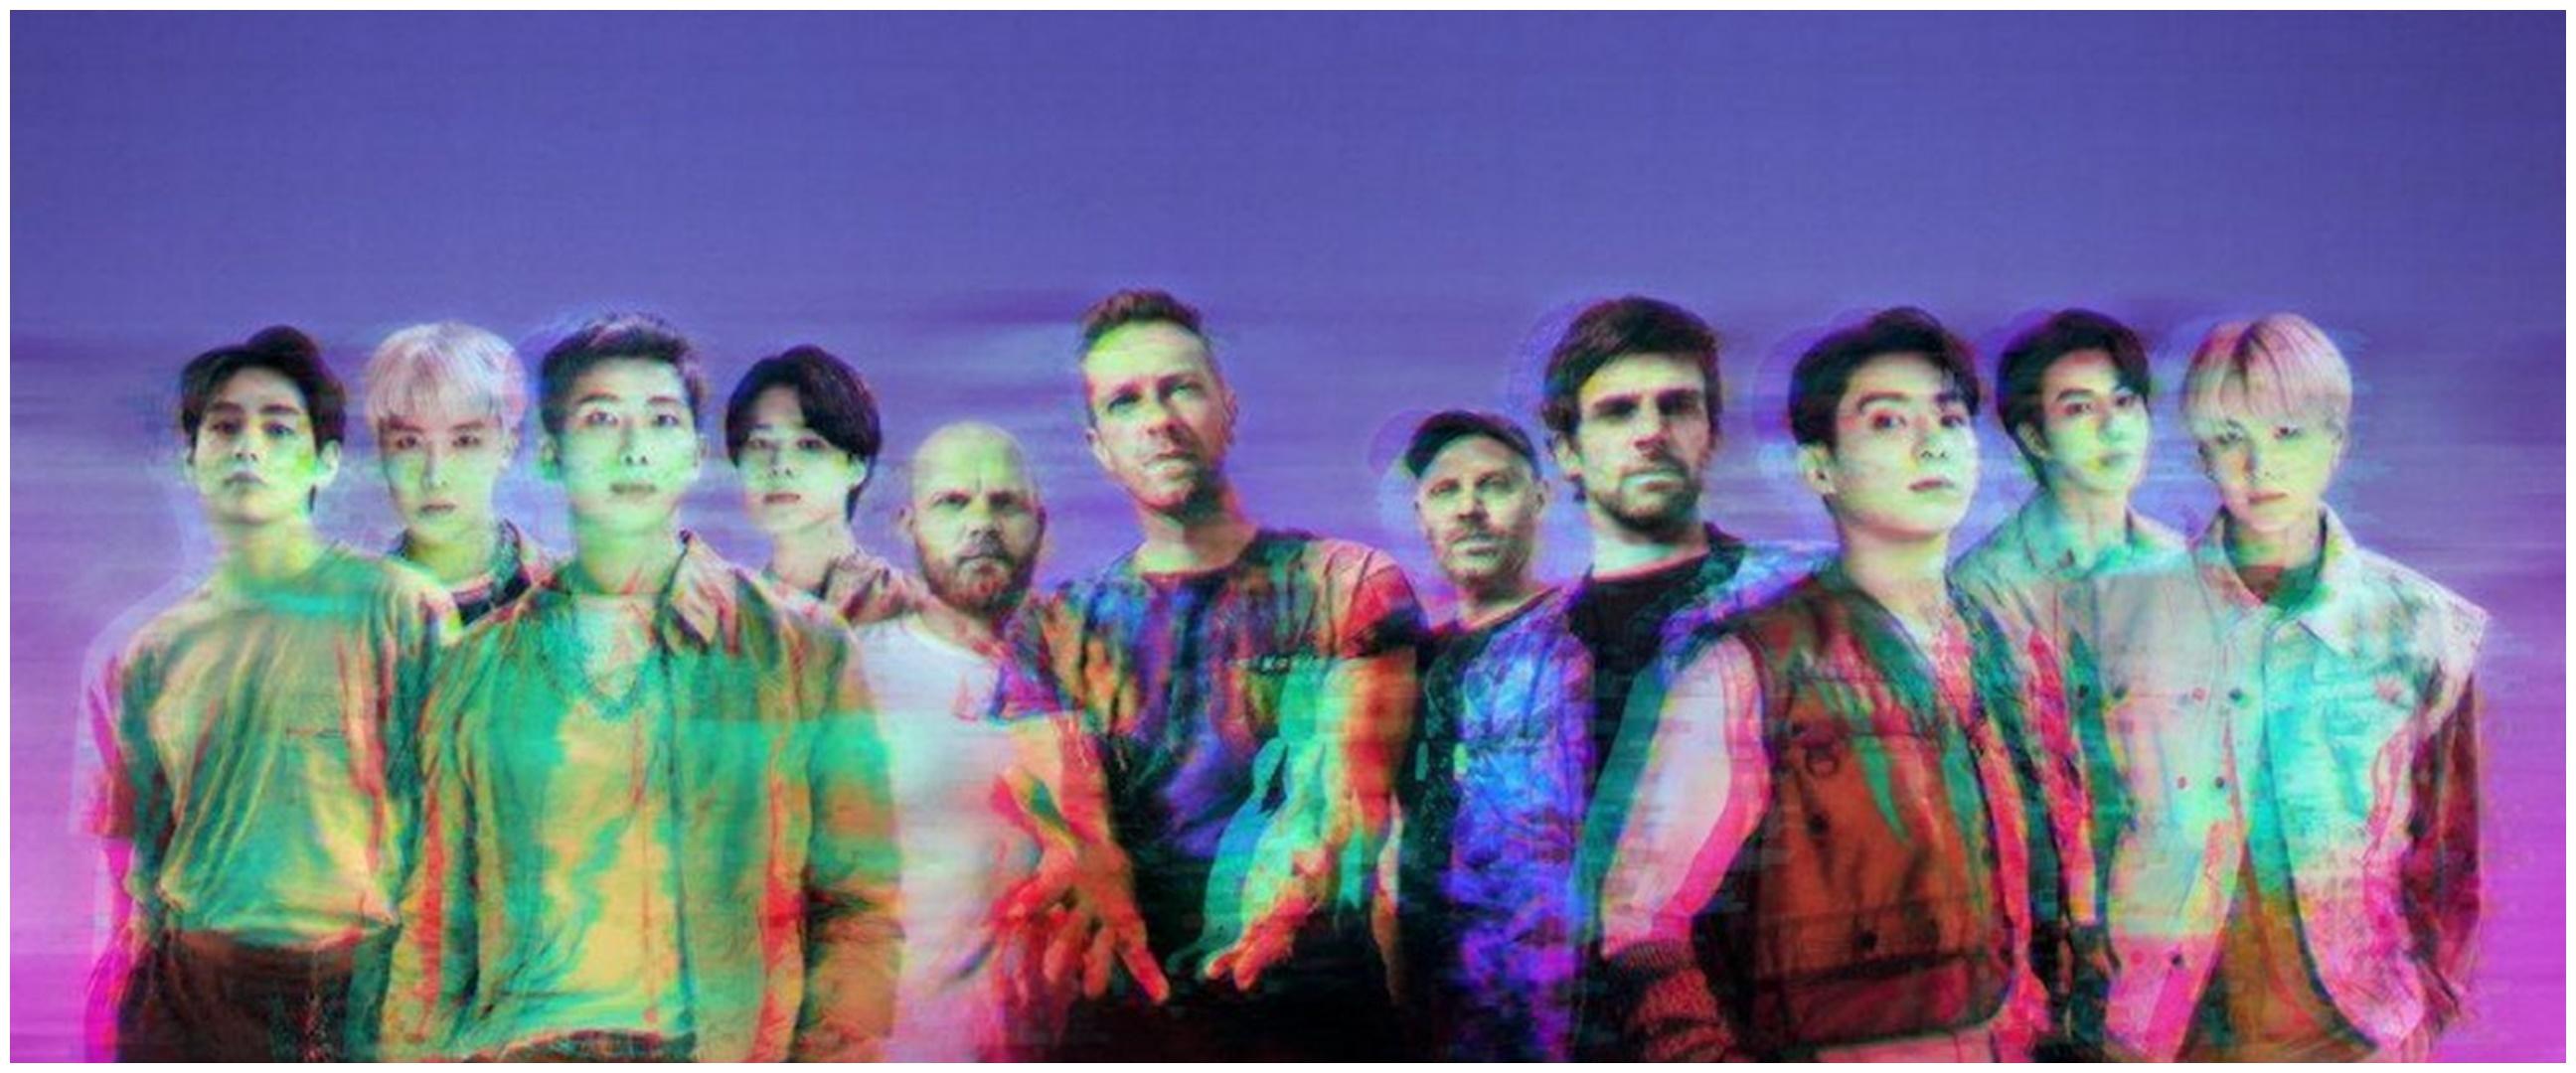 Keren, komik top Indonesia Tahilalats kolaborasi bareng BTS X Coldplay